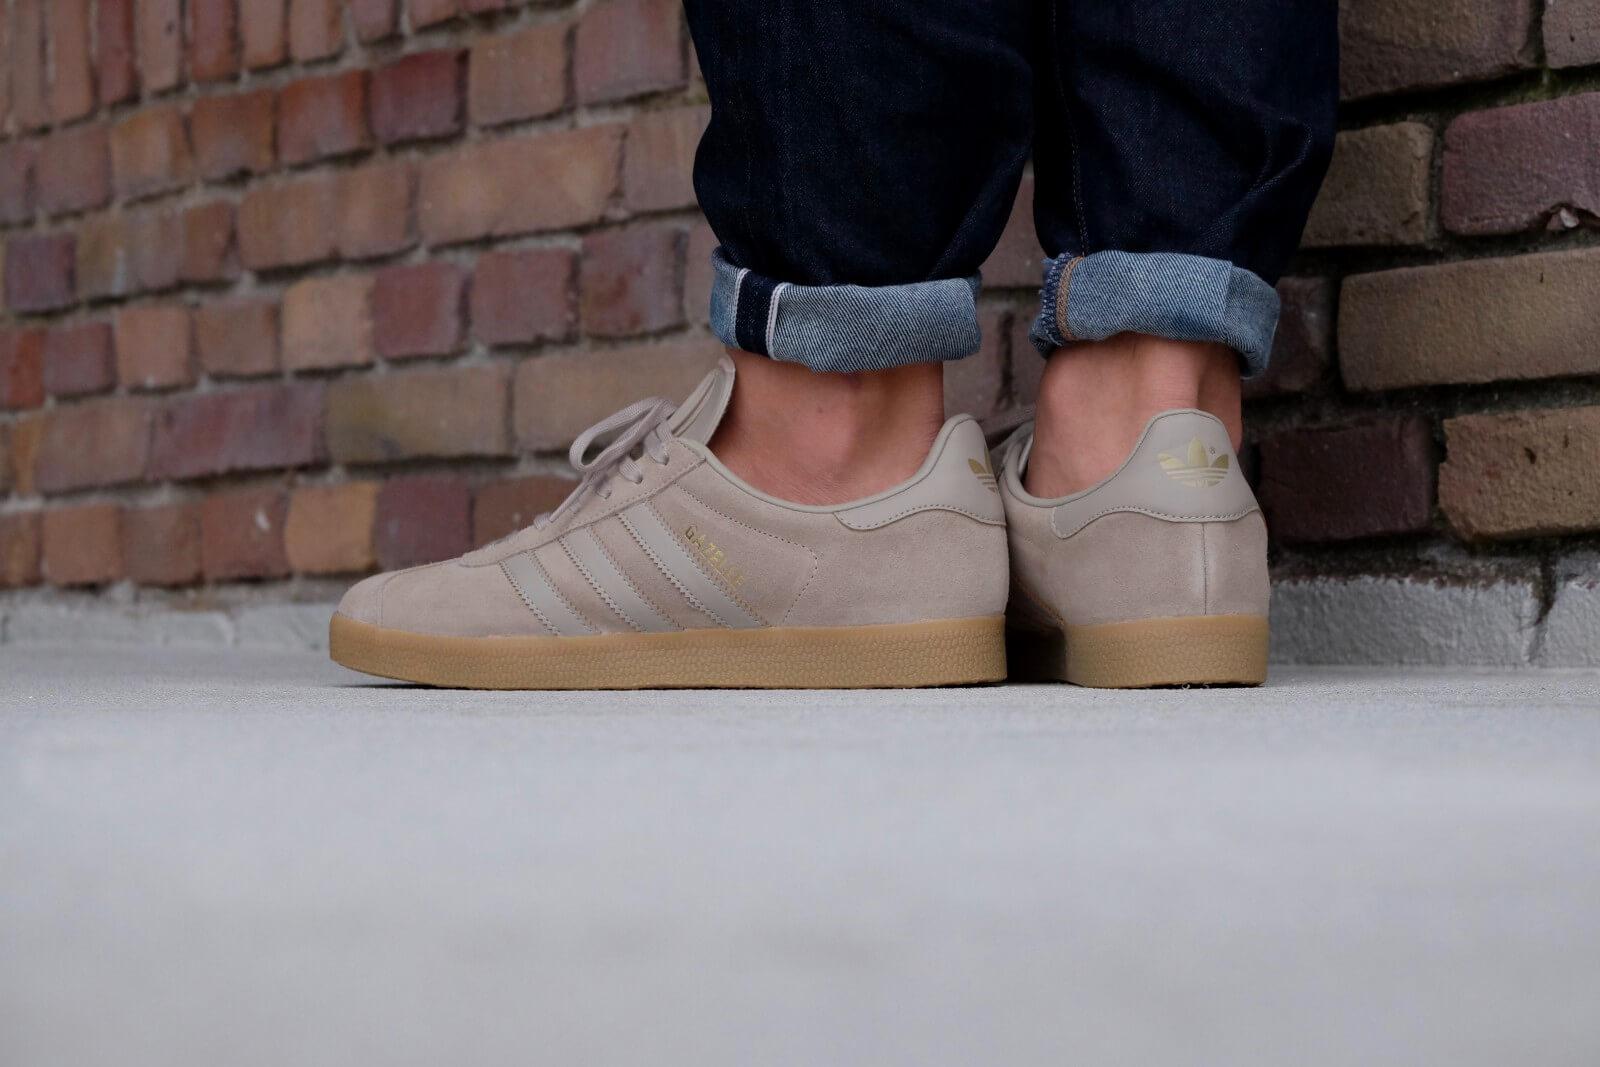 adidas gazelle with gum